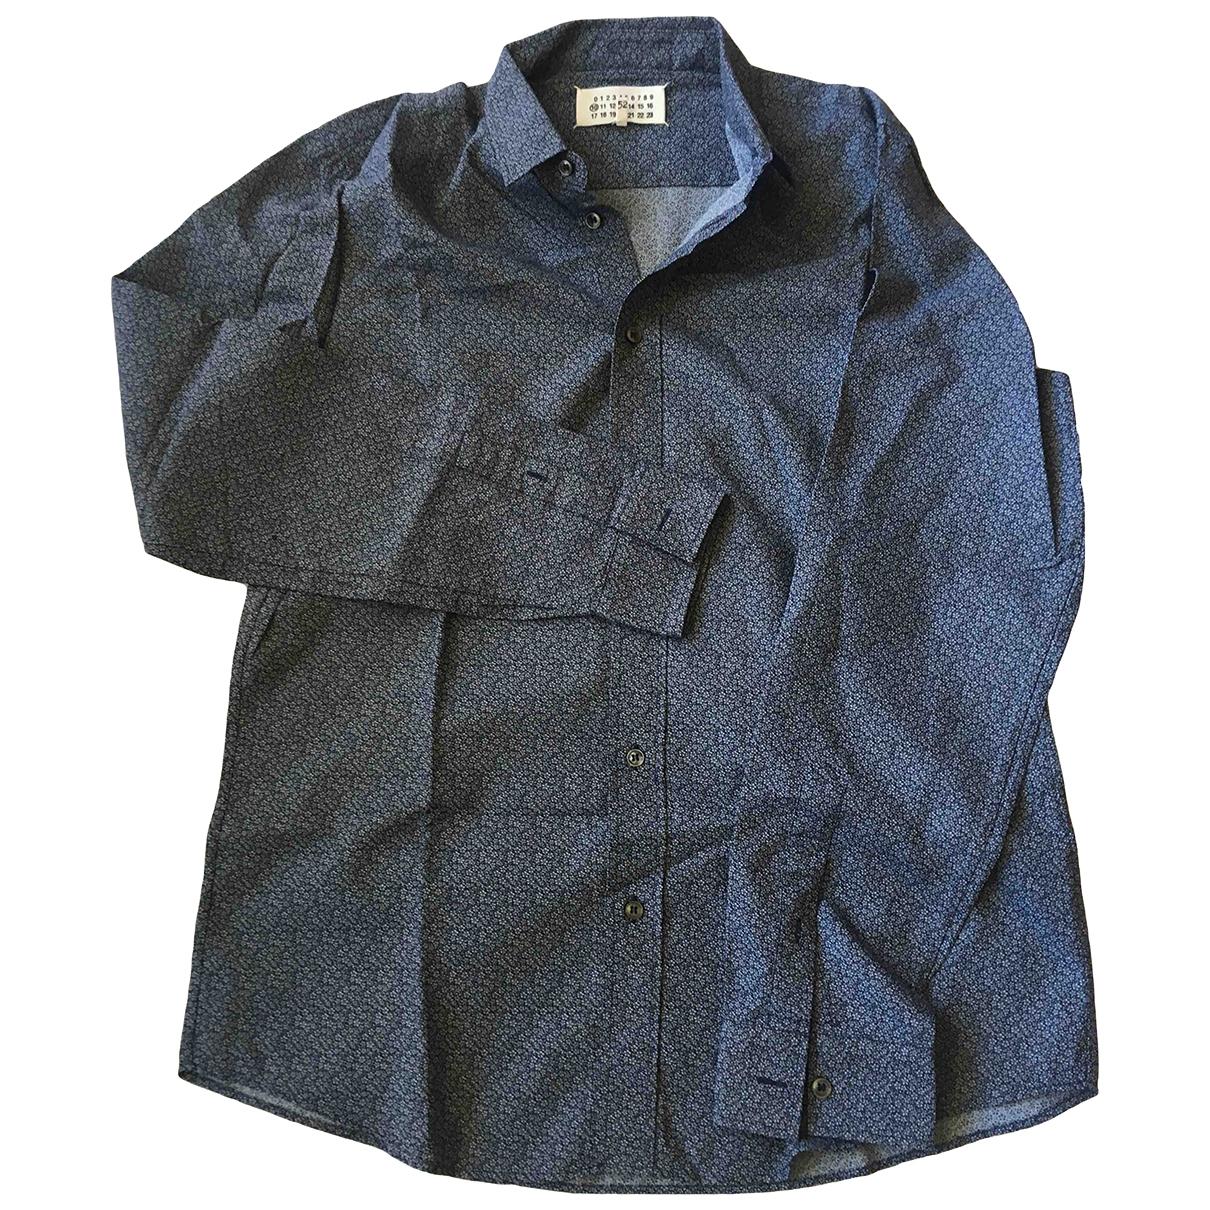 Maison Martin Margiela - Chemises   pour homme en coton - marine